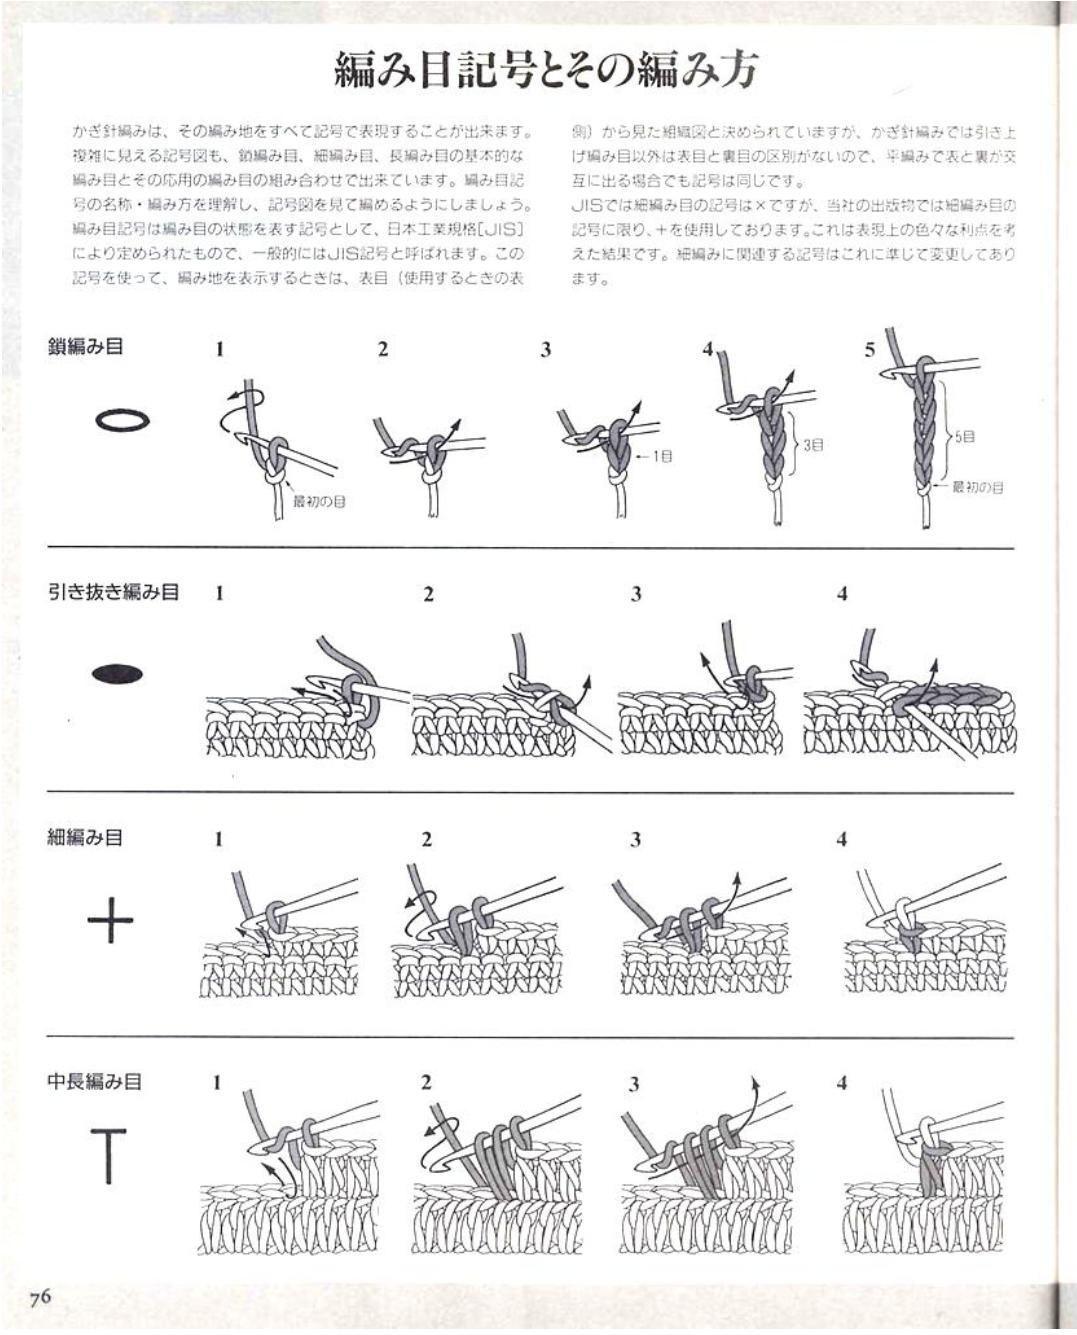 Lana y ganchillo: Interpretar patrones japoneses | Proyectos que ...